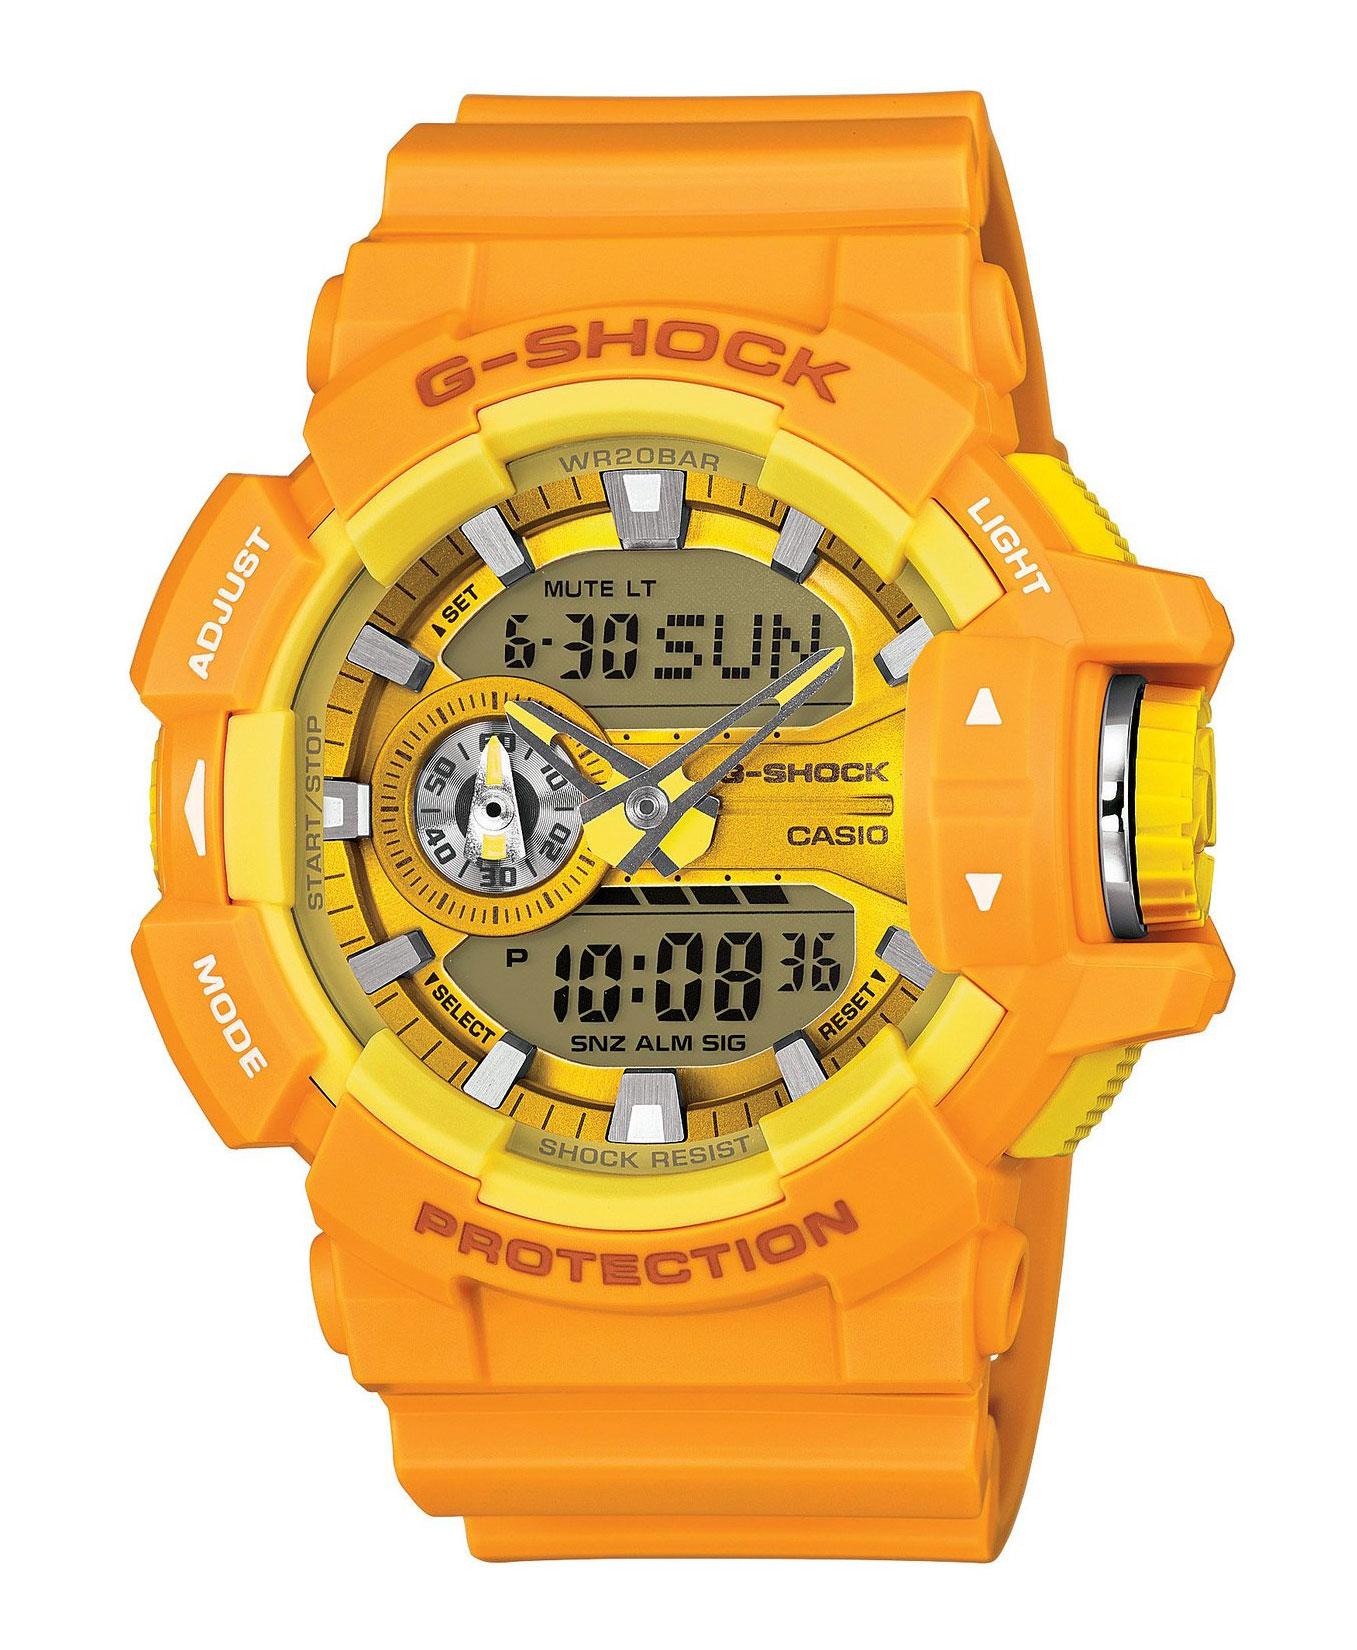 Часы мужские наручные Casio G-SHOCK, цвет: оранжевый, желтый. GA-400A-9AGA-400A-9AСтильные мужские часы Casio G-SHOCK выполнены из полимерных материалов и минерального стекла. Изделие дополнено светодиодной подсветкой высокой яркости, корпус часов оформлен символикой бренда. В часах предусмотрен аналоговый и цифровой отсчет времени. Часы оснащены функцией мирового времени, которая позволяет мгновенно выяснять текущее время. Часы могут быть настроены на подачу тонального или светового сигнала при наступлении выставленного времени. Функция таймера позволит обеспечить обратный отсчет времени, начиная с выставленного и подачу тонального или светового сигнала, когда отсчет доходит до нуля. Функция секундомера позволит замерять прошедшее время в пределах тысячи часов с точностью 1/100 секунды. Степень влагозащиты 20 atm. Изделие дополнено ремешком из полимерного материала, который обладает антибактериальными и запахоустойчивыми свойствами. Ремешок застегивается на пряжку, позволяющую максимально комфортно и быстро снимать и одевать часы. Часы поставляются в...